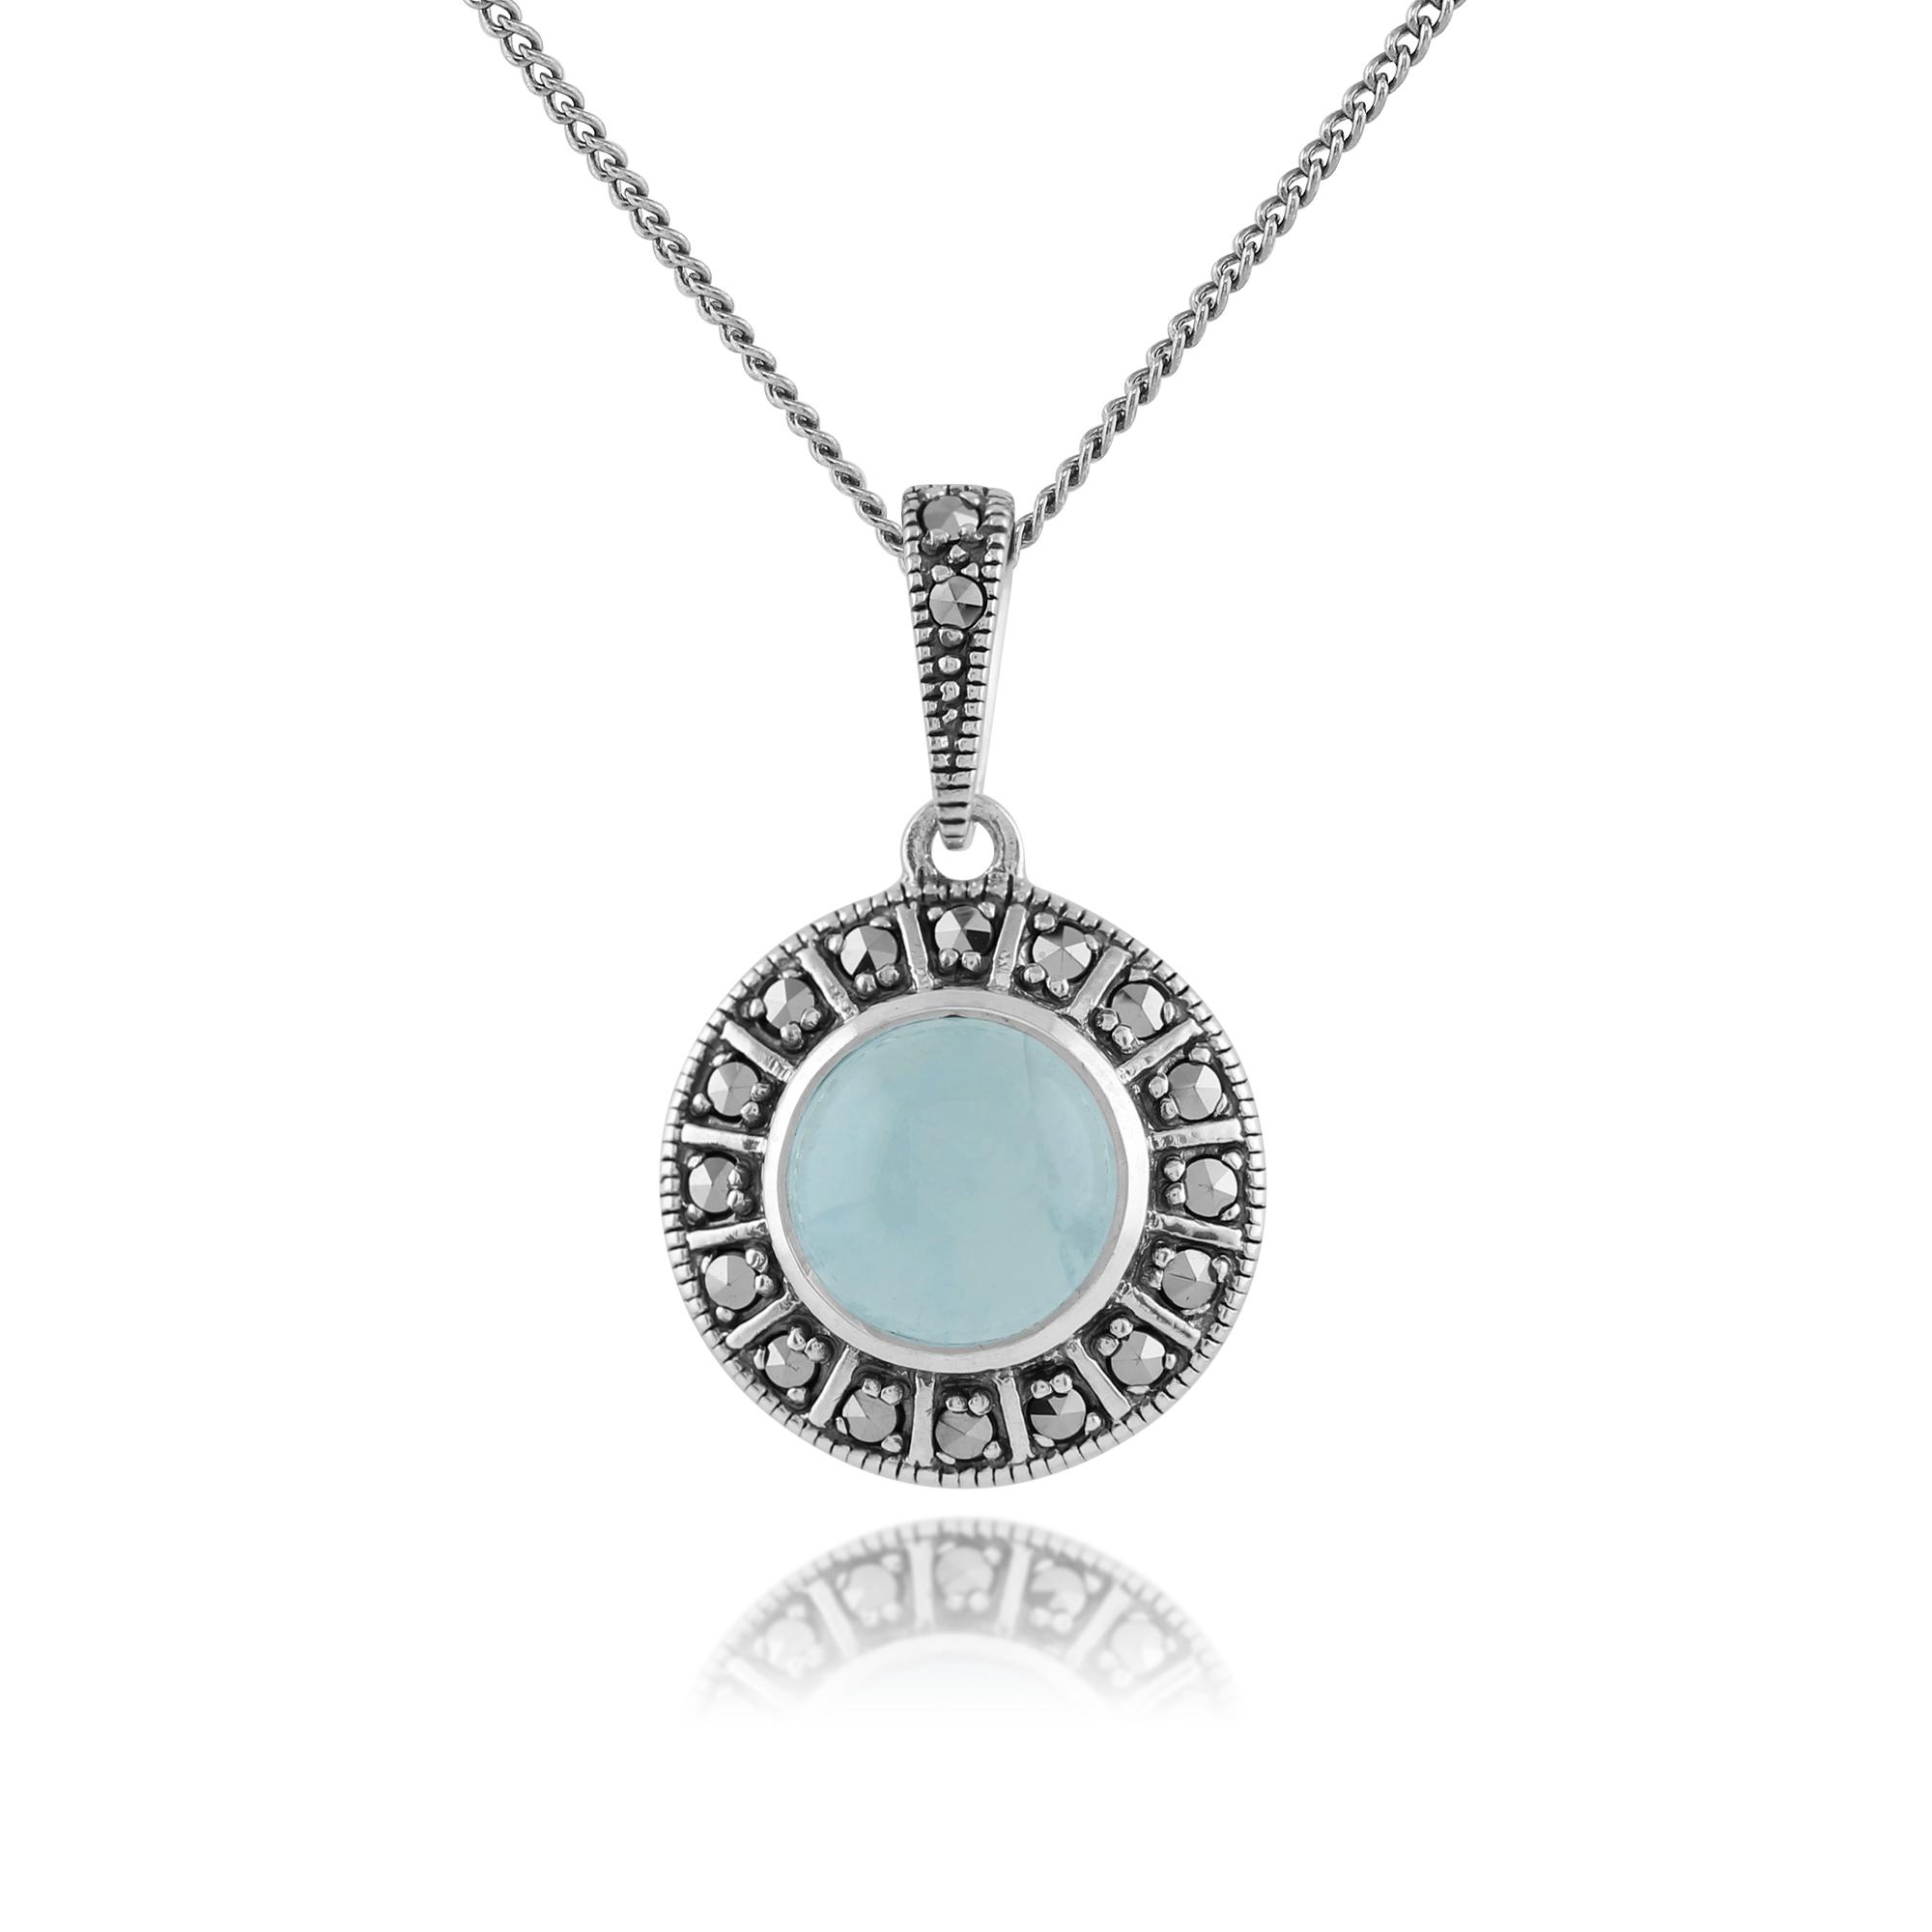 Aquamarine Necklaces: Gemondo 925 Sterling Silver Milky Aquamarine & Marcasite